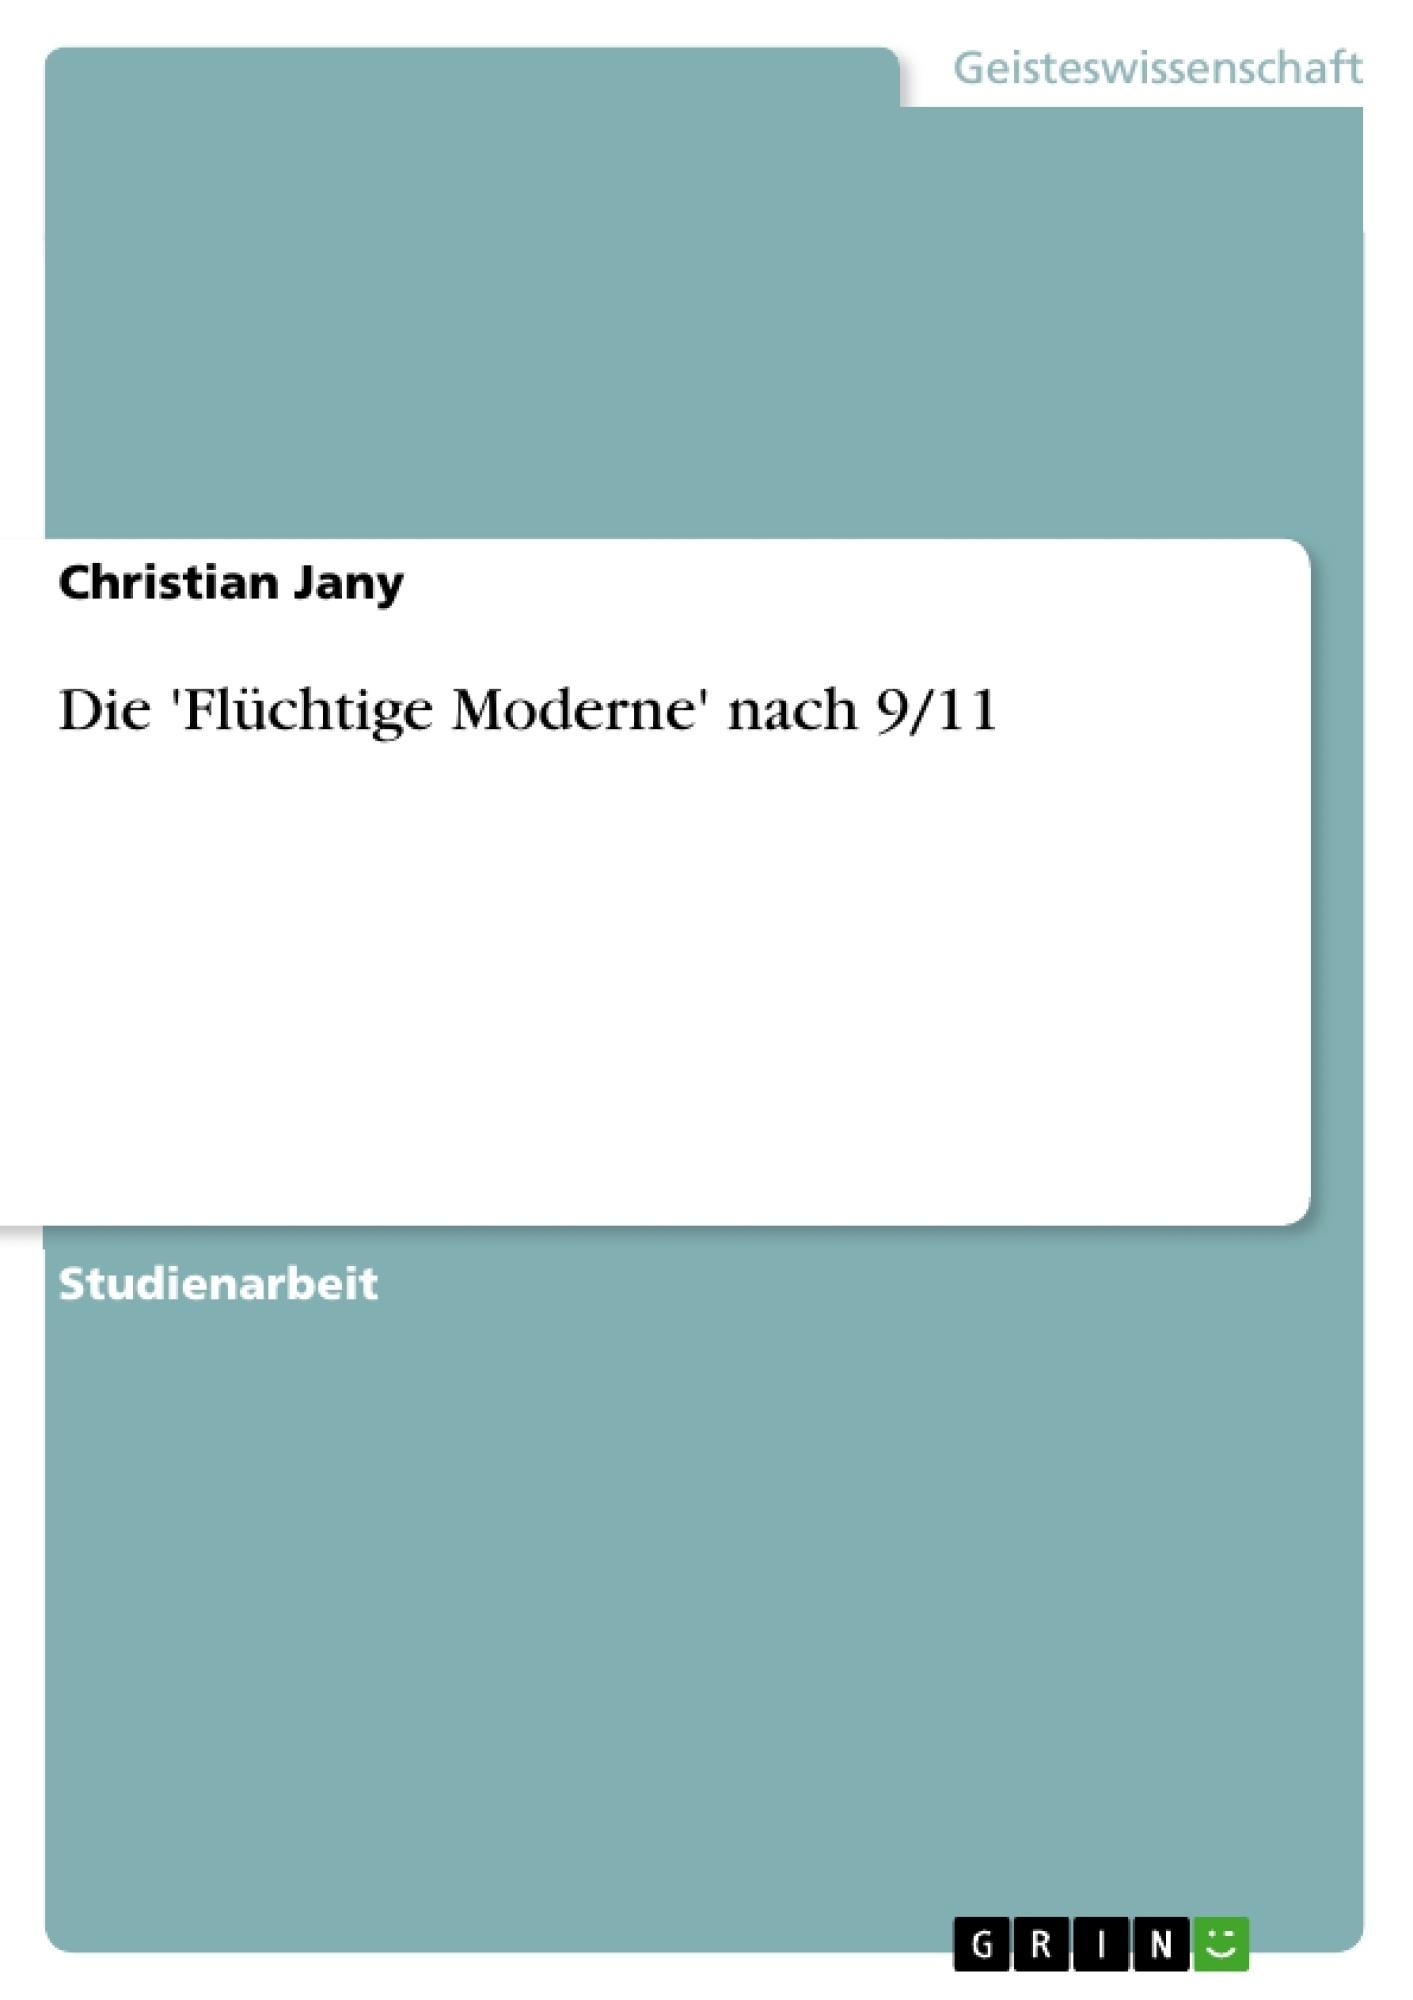 Titel: Die 'Flüchtige Moderne' nach 9/11